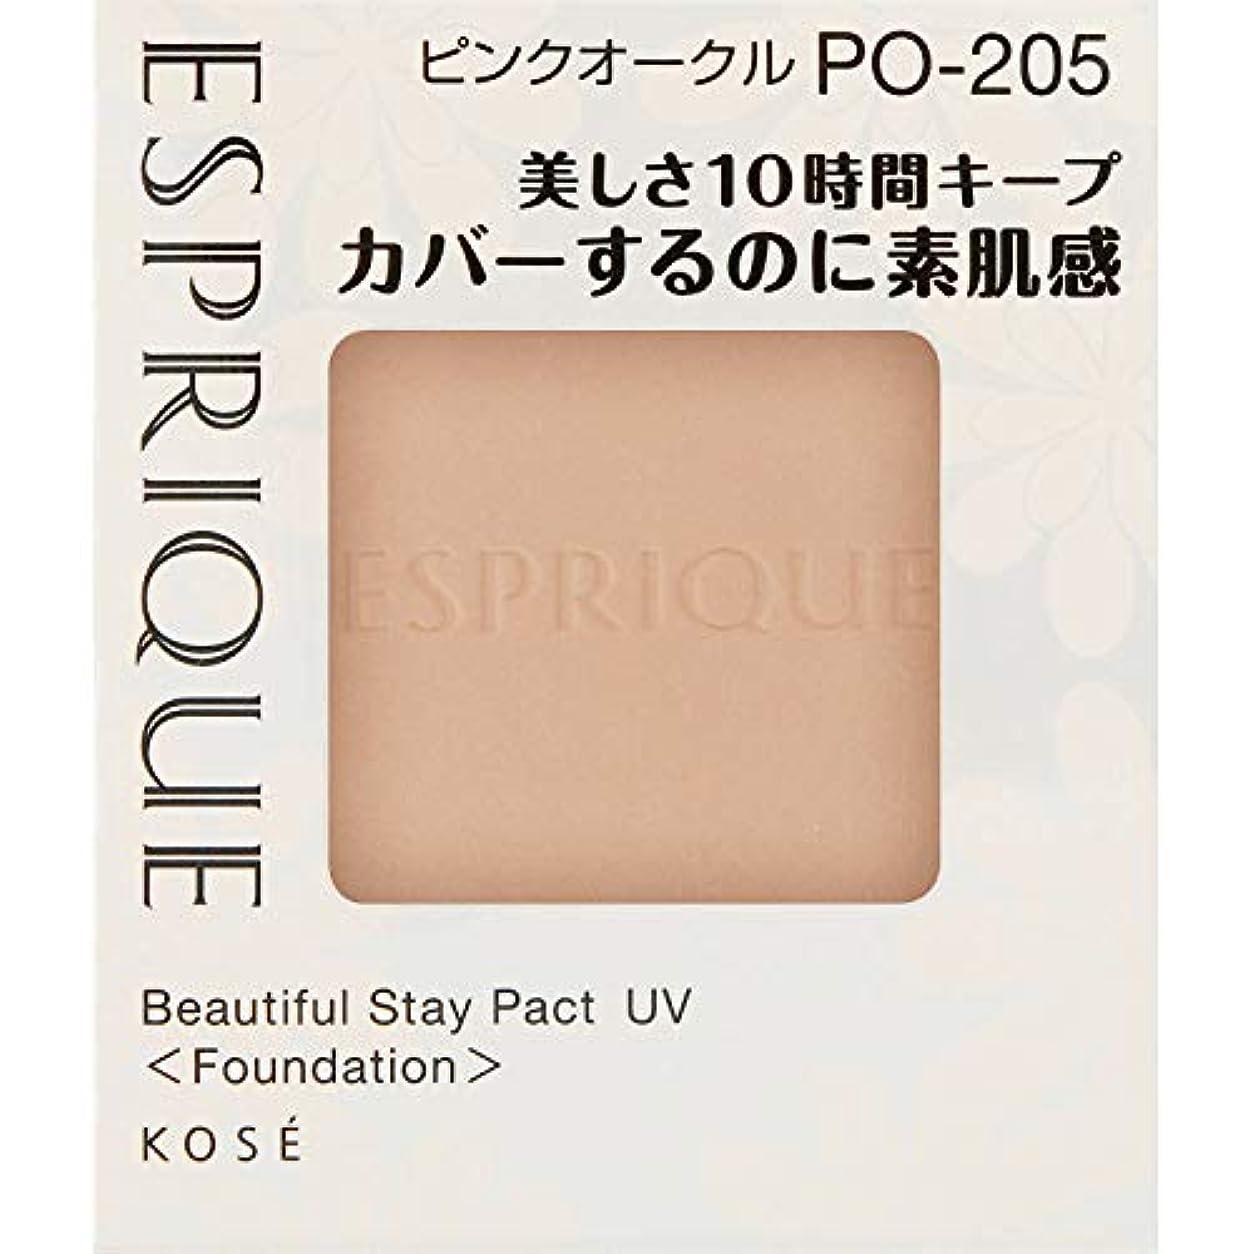 ピッチ座る債務者エスプリーク カバーするのに素肌感持続 パクト UV PO-205 ピンクオークル 9.3g